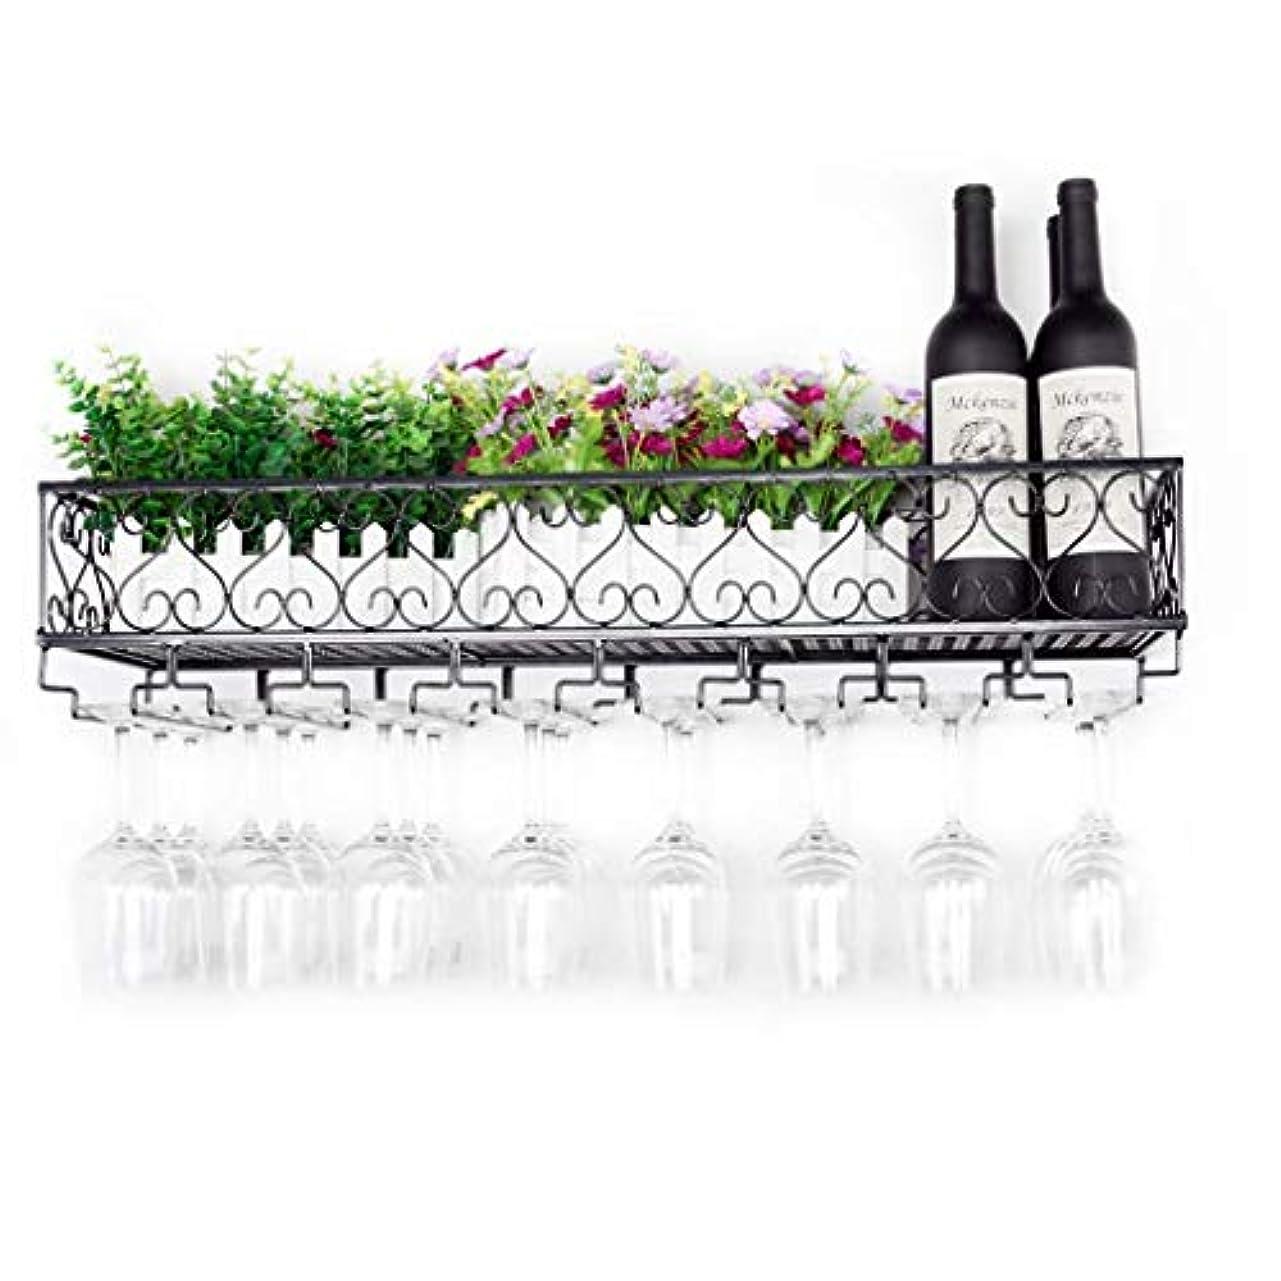 投票規定絶え間ないワインラック壁掛け収納棚素朴な金属ぶら下げワインシャンパングラスゴブレット脚付きラックワインボトルホルダー(サイズ:80×25 cm)